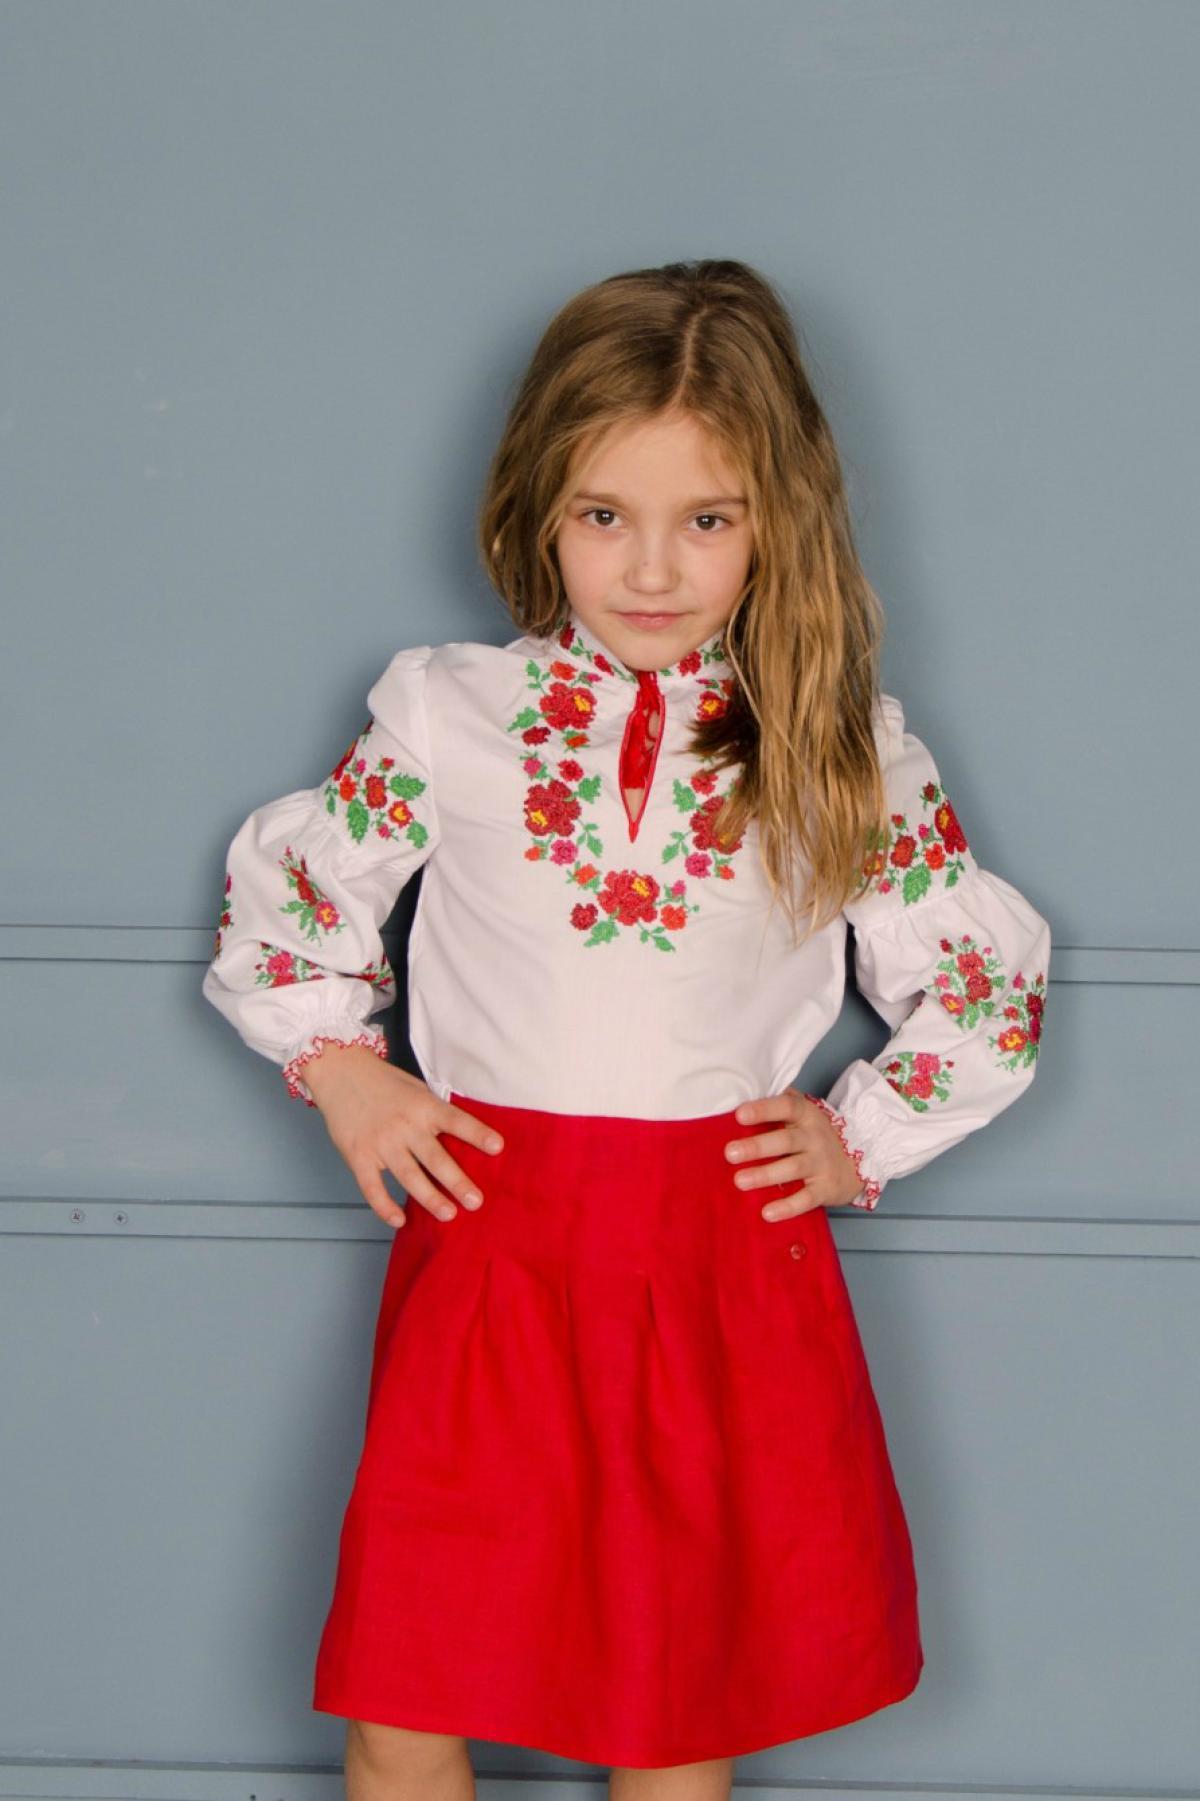 Біла вішиванка на дівчинку з червоно-зеленою вишивкою. Фото №1. | Народний дім Україна